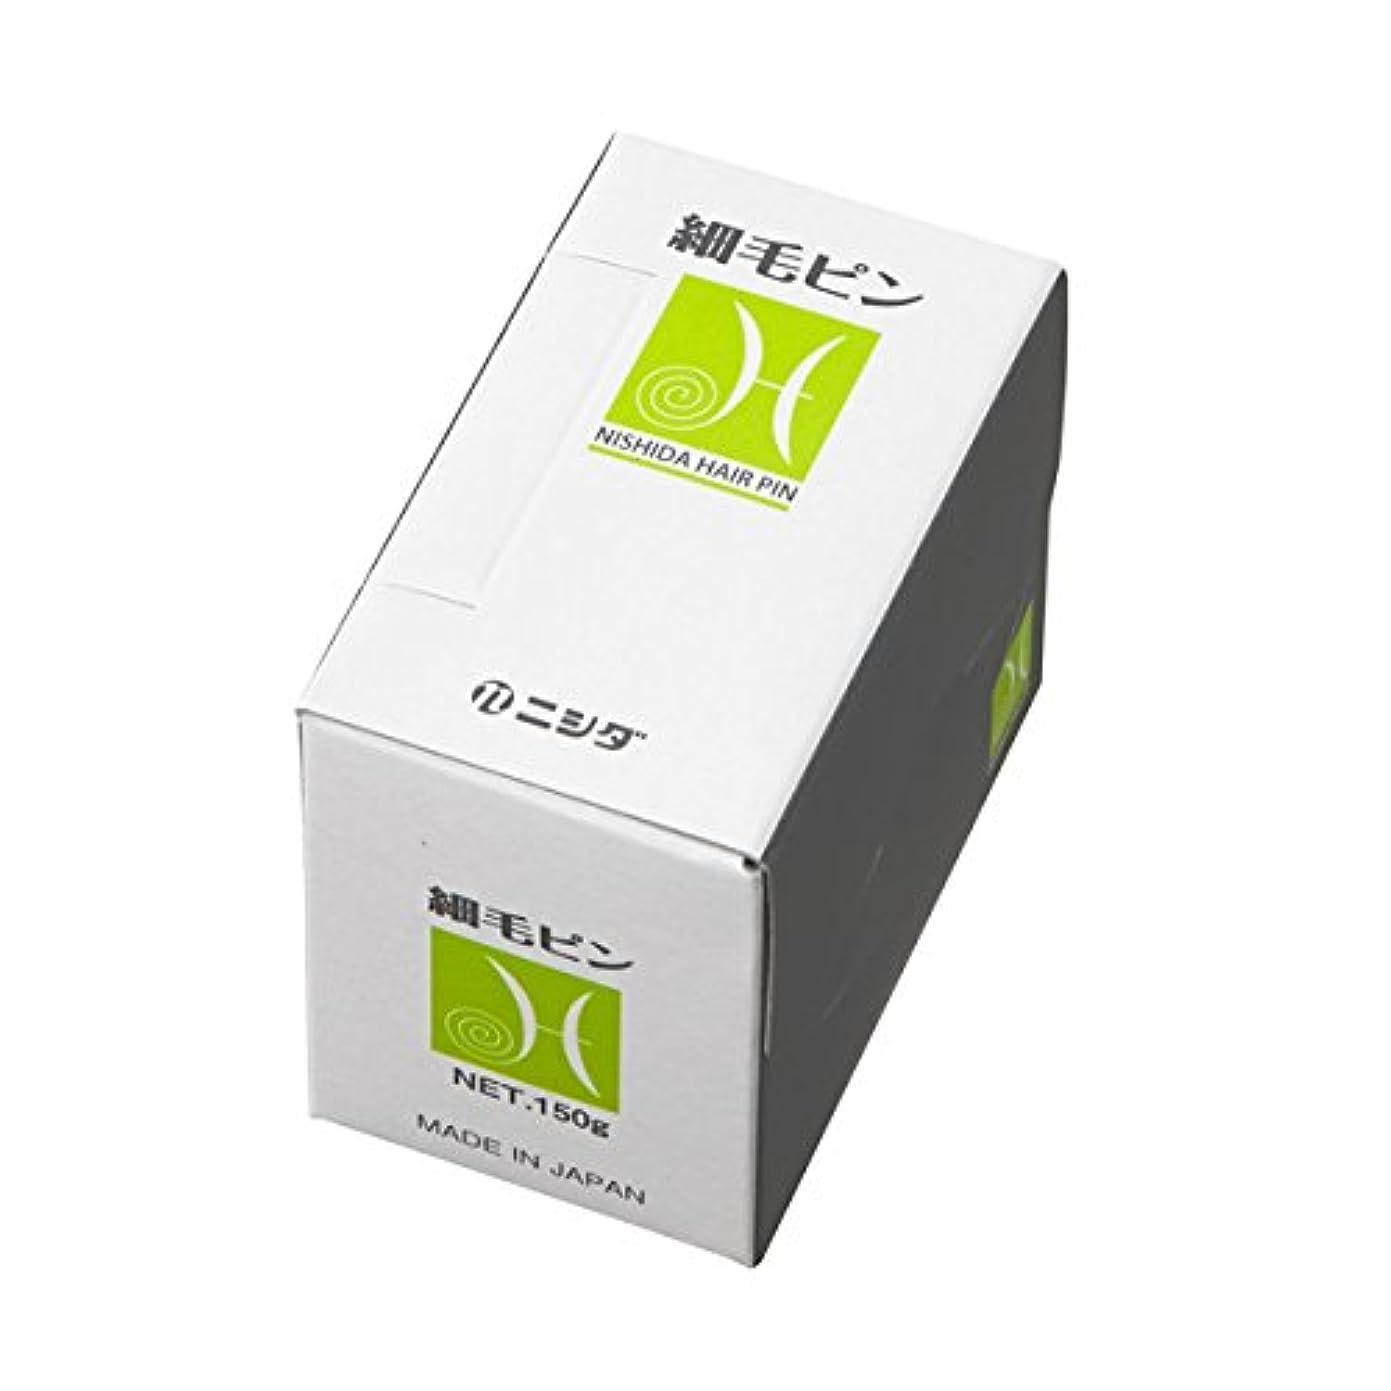 腰流行上昇ニシダピン 細毛ピン 150g 株式会社ニシダ プロフェッショナルユースでスタイリング自由自在